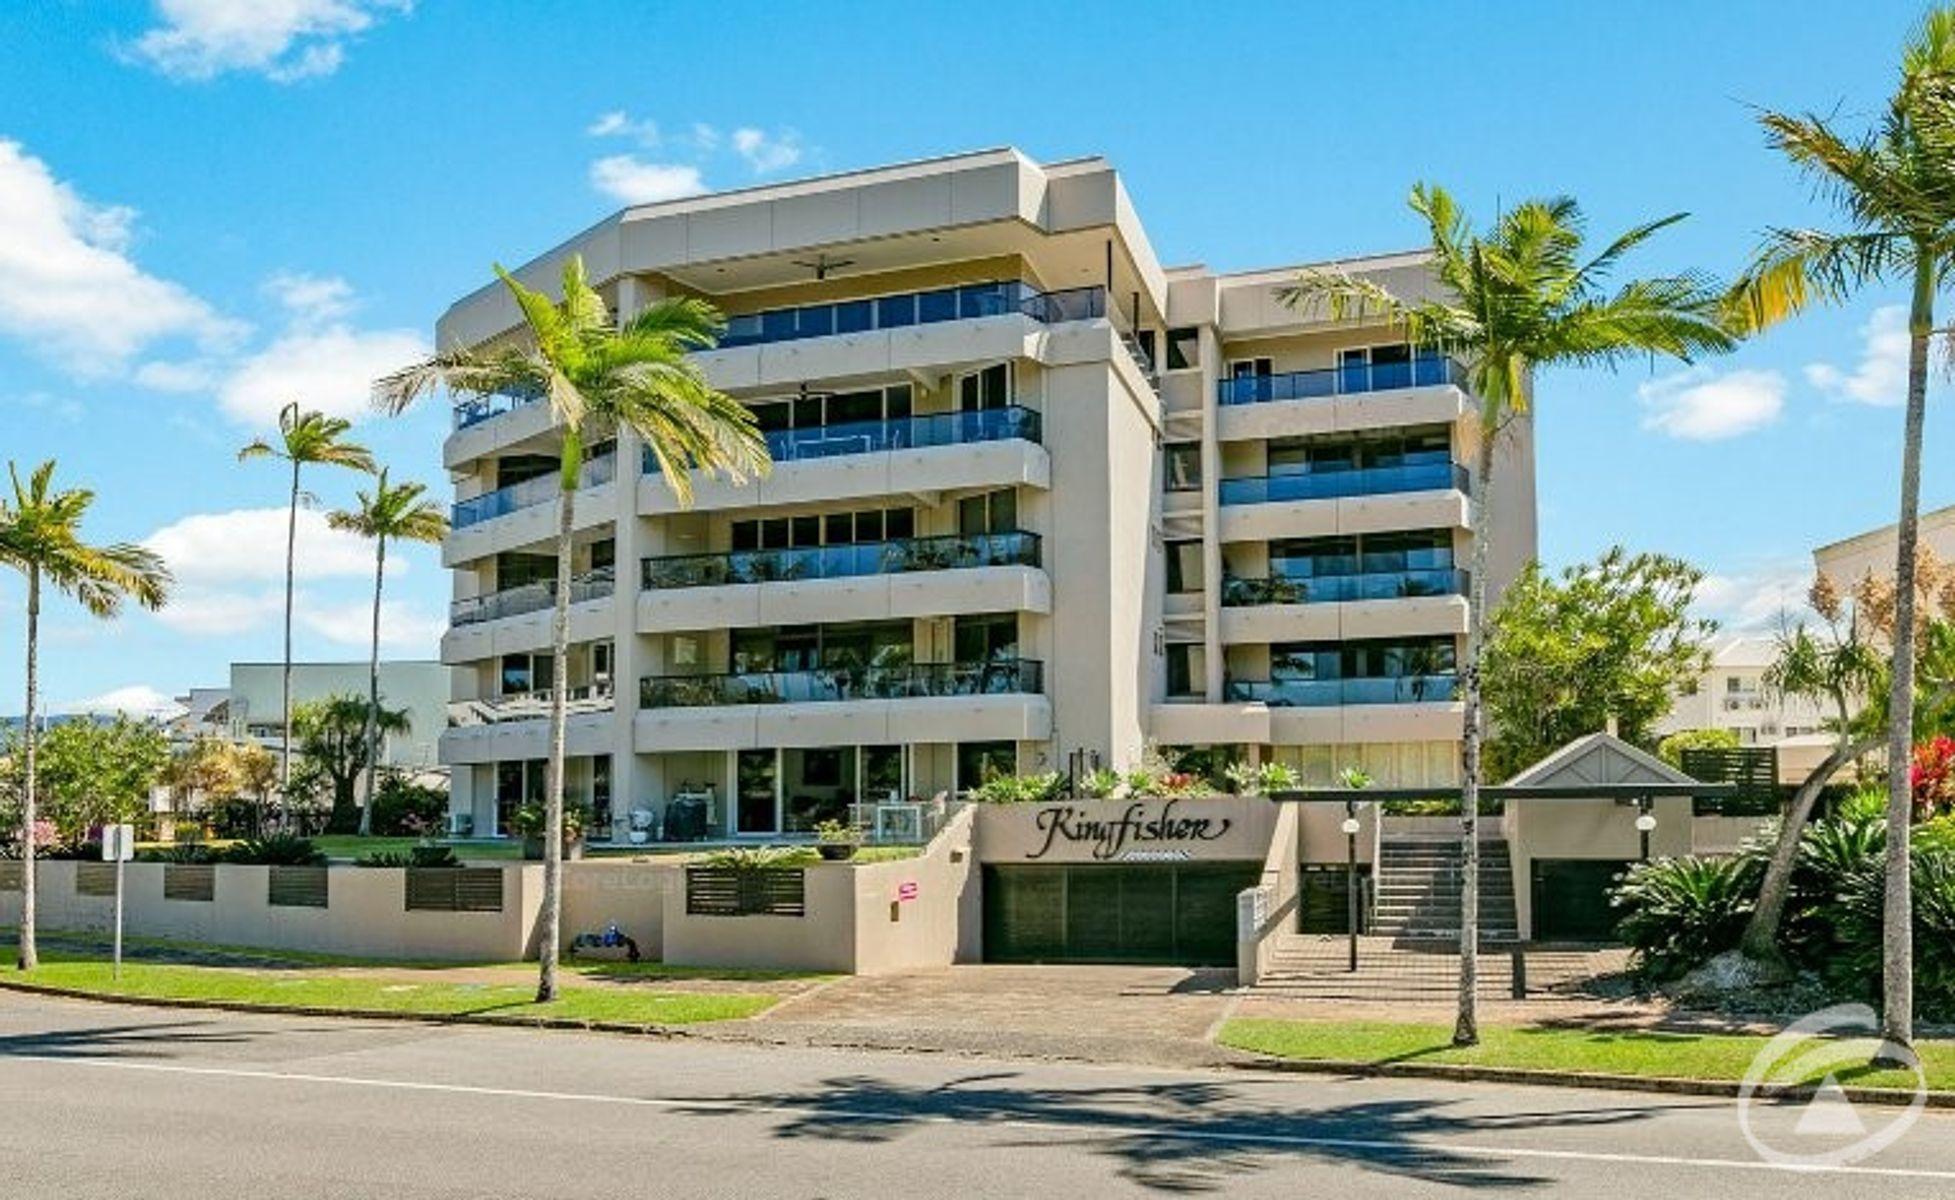 11/281-283 Esplanade, Cairns North, QLD 4870